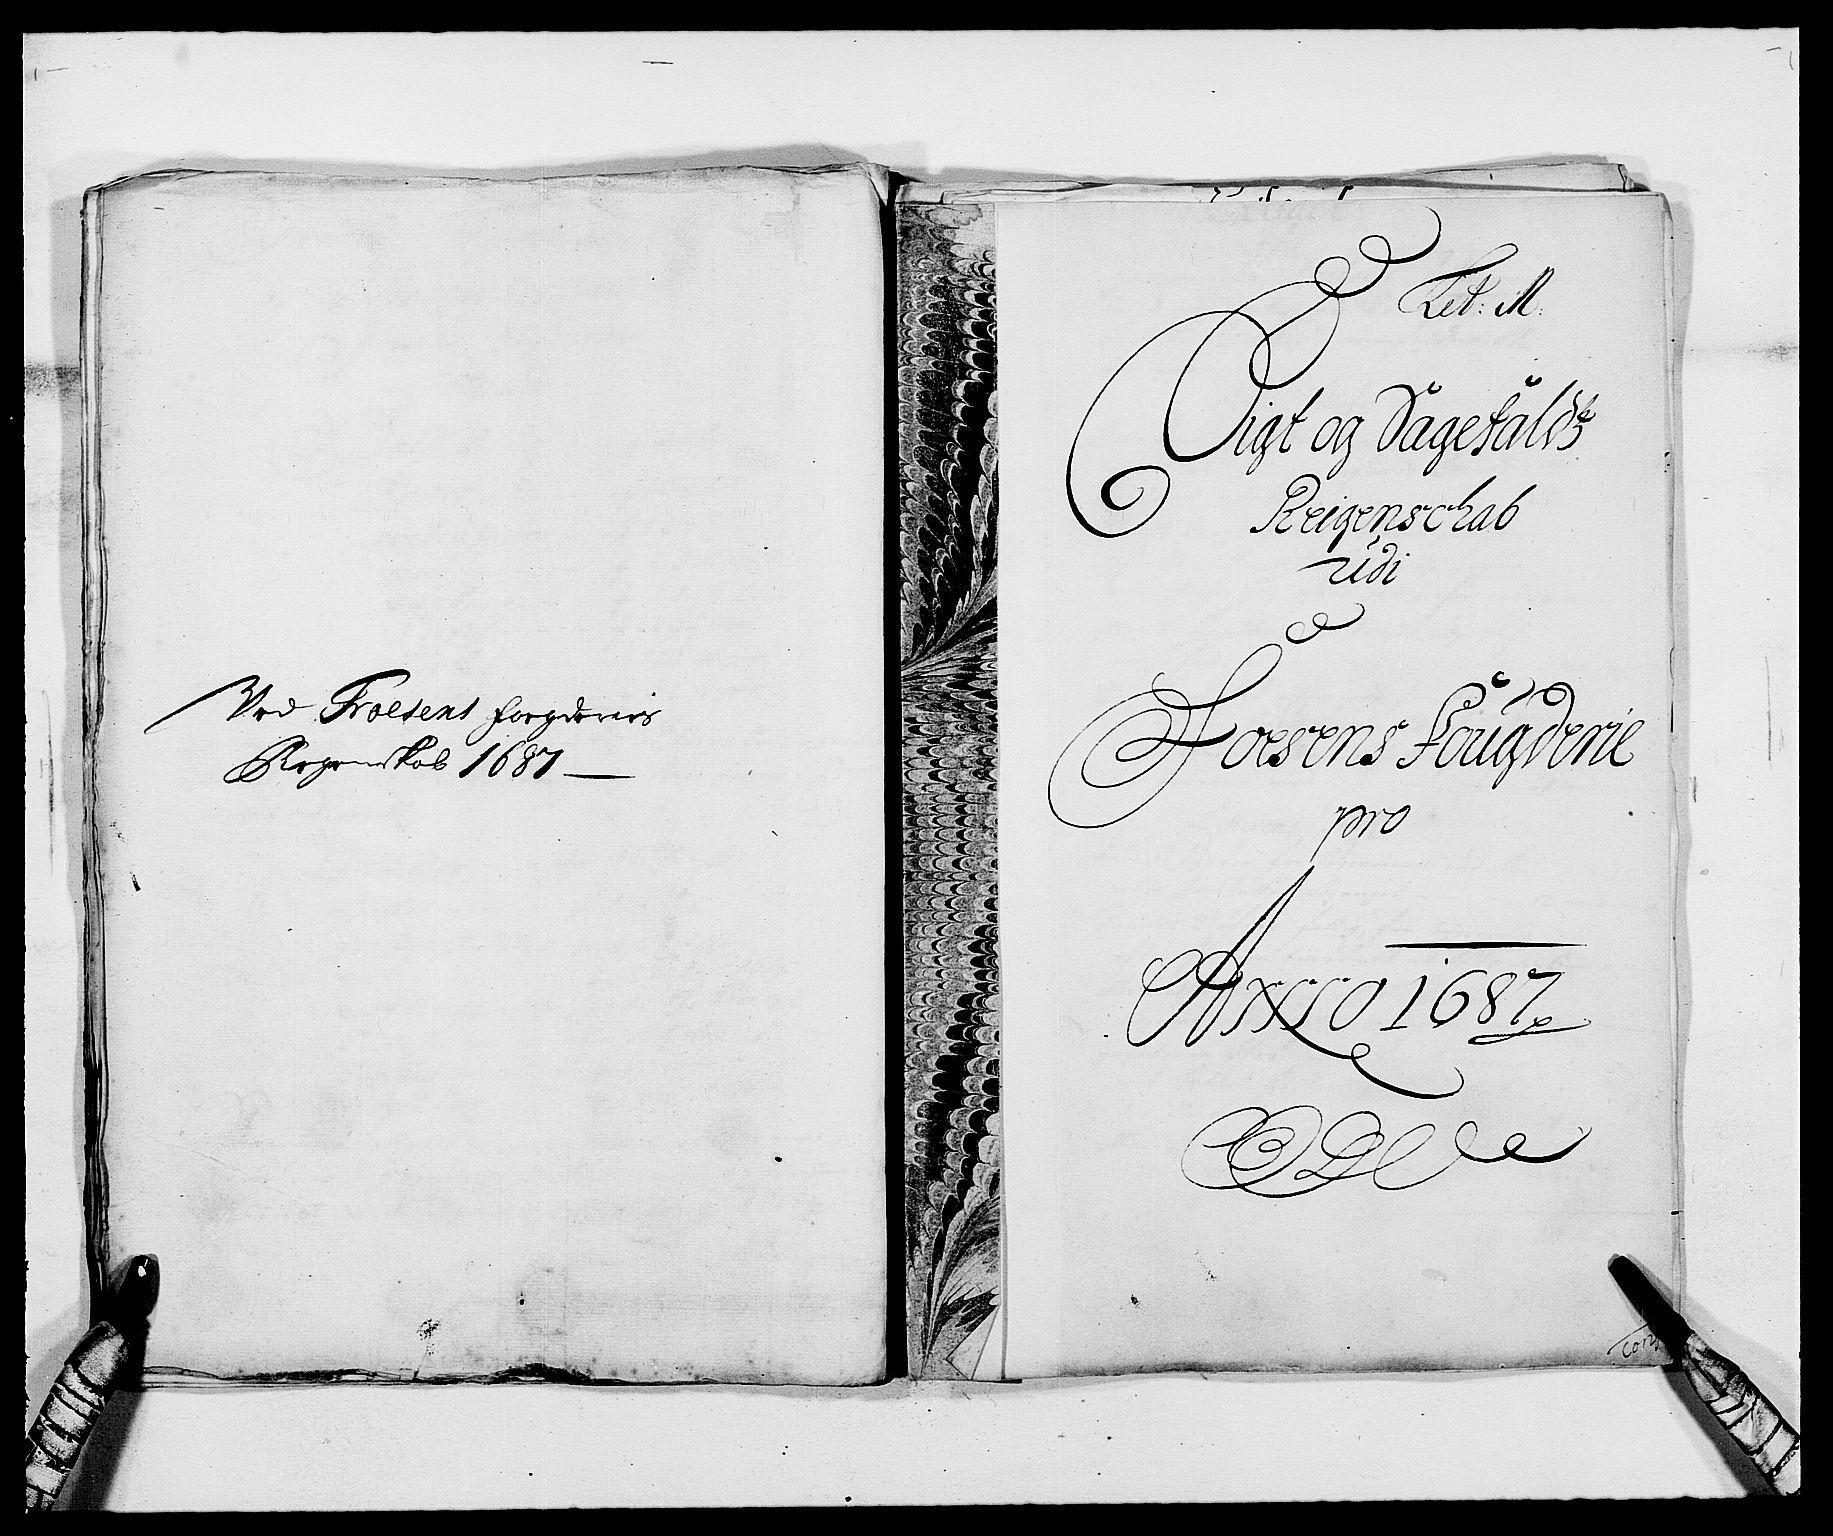 RA, Rentekammeret inntil 1814, Reviderte regnskaper, Fogderegnskap, R57/L3845: Fogderegnskap Fosen, 1687, s. 131